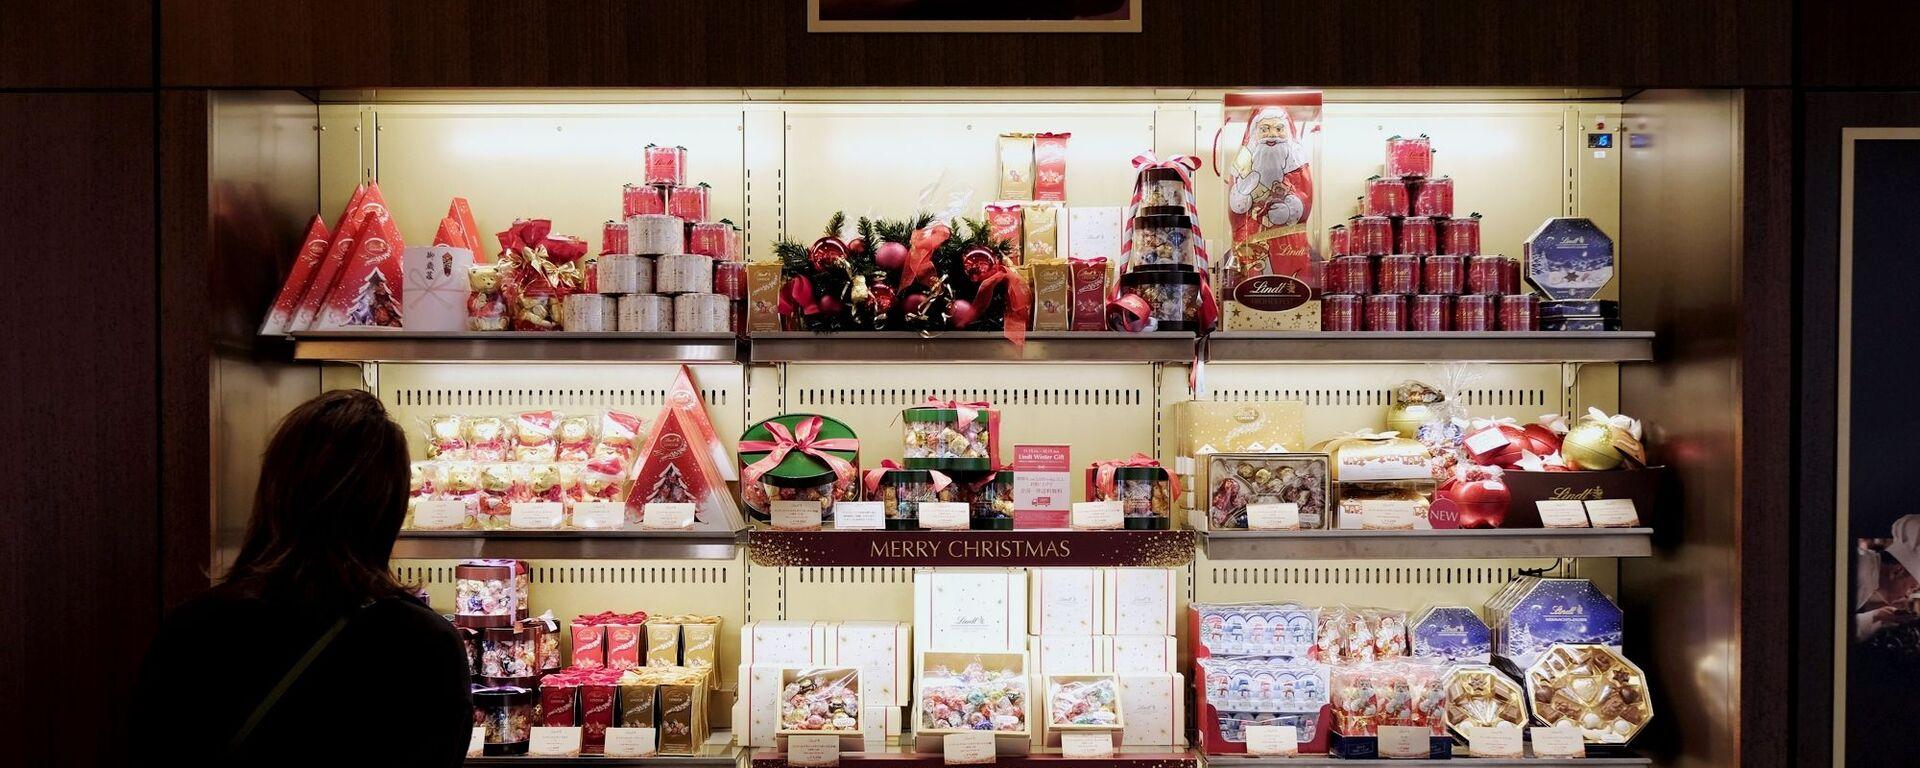 クリスマス用のプレゼントが並ぶ東京の店舗 - Sputnik 日本, 1920, 31.07.2020